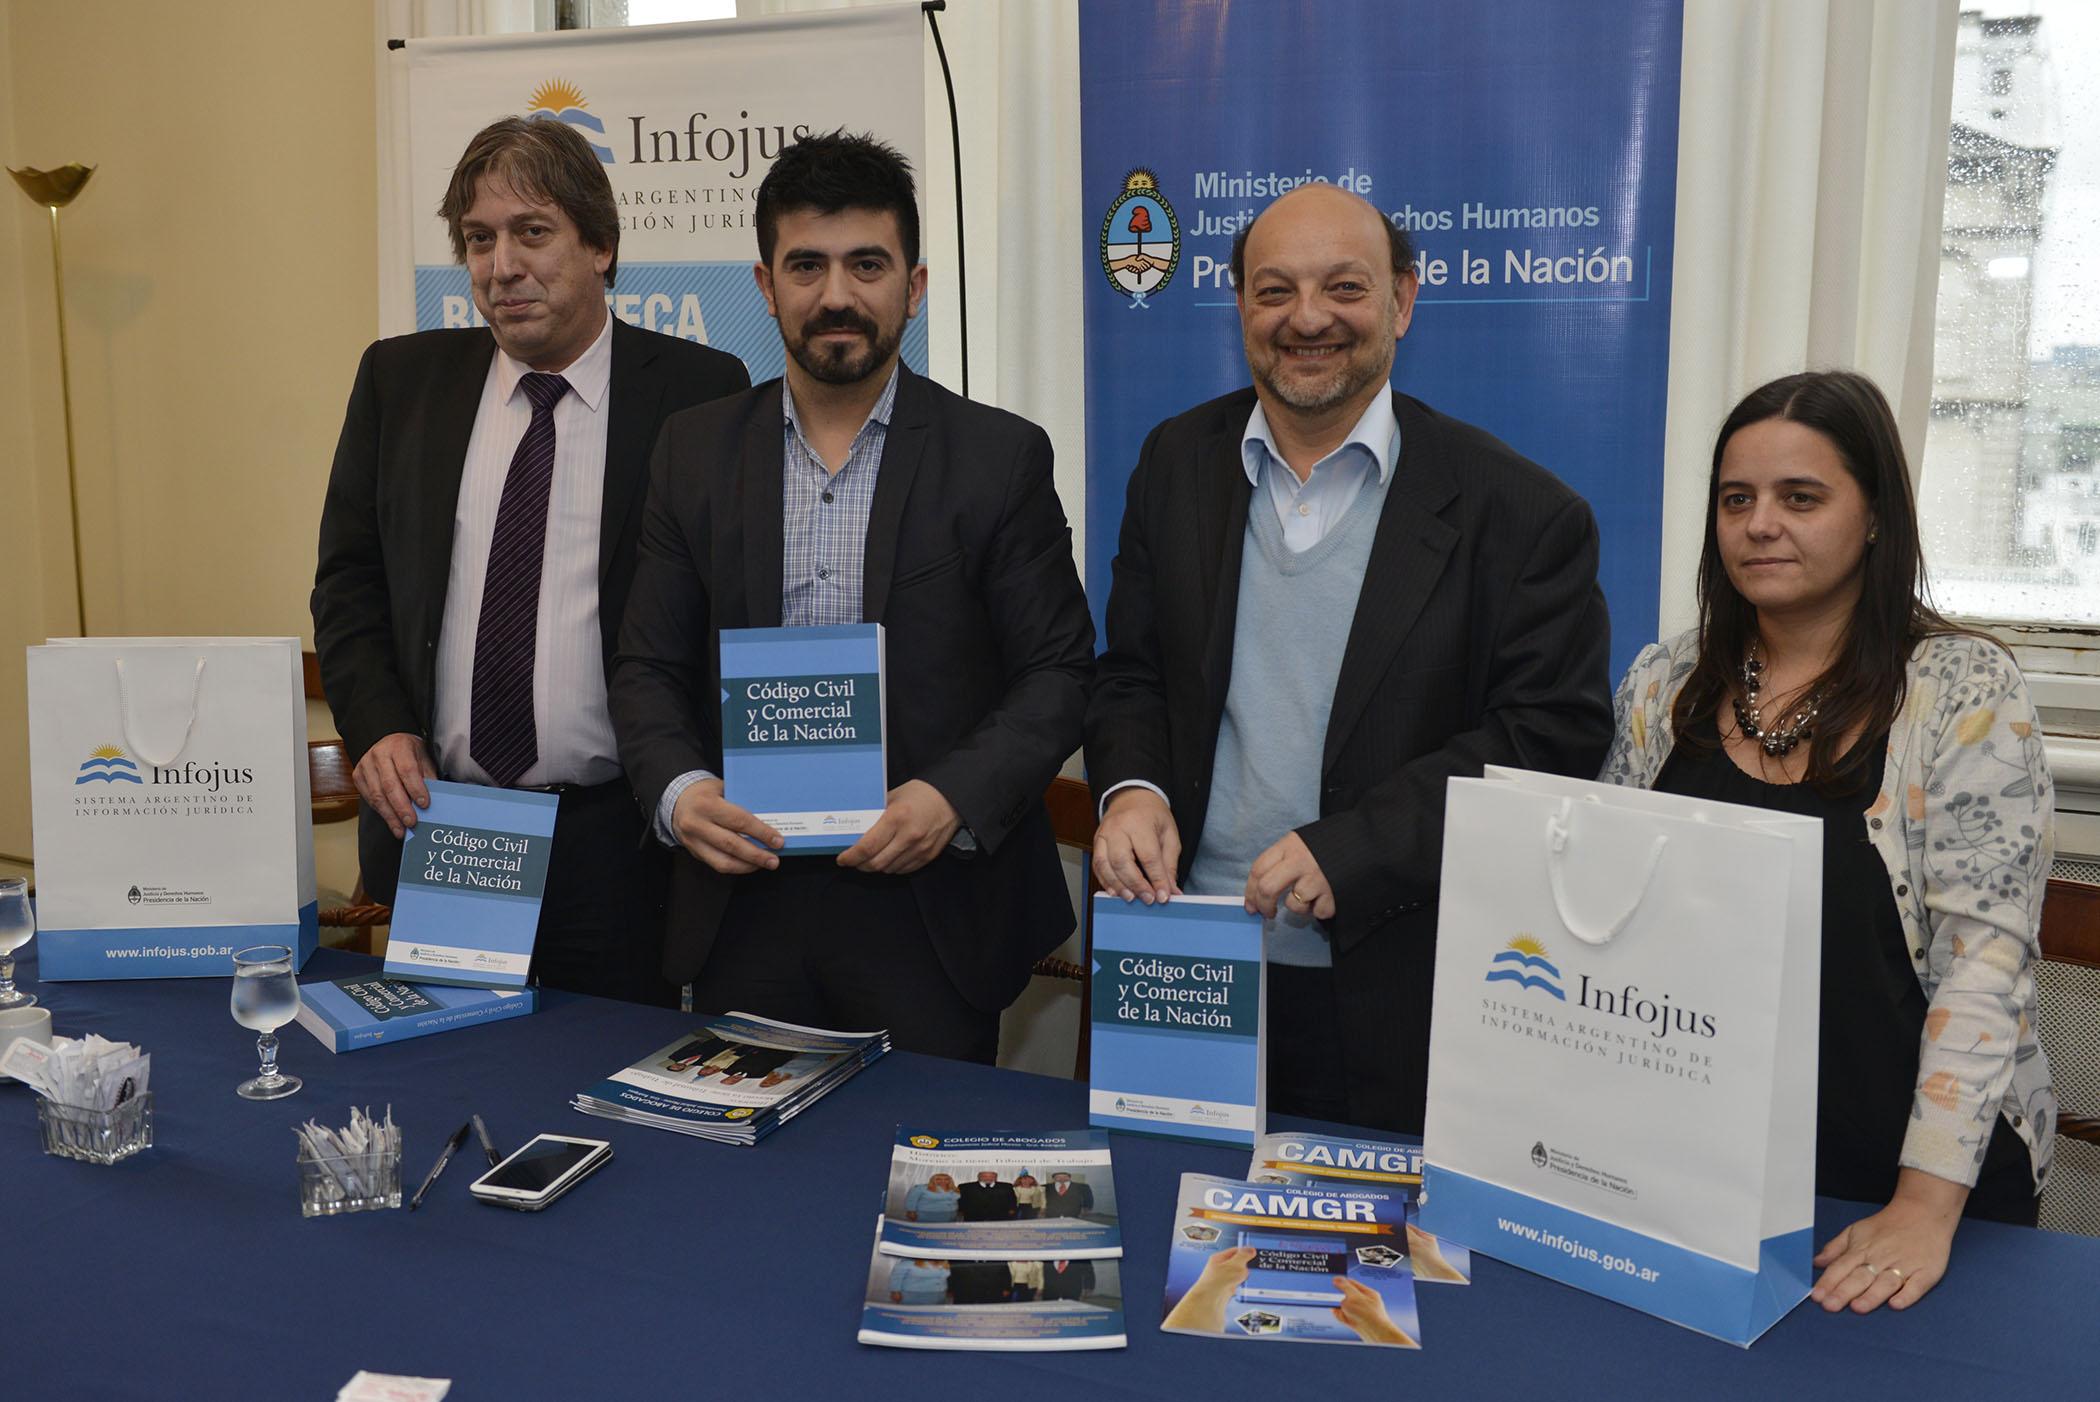 Firma de convenios con dos Colegios de Abogados para fortalecer el acceso a la información jurídica